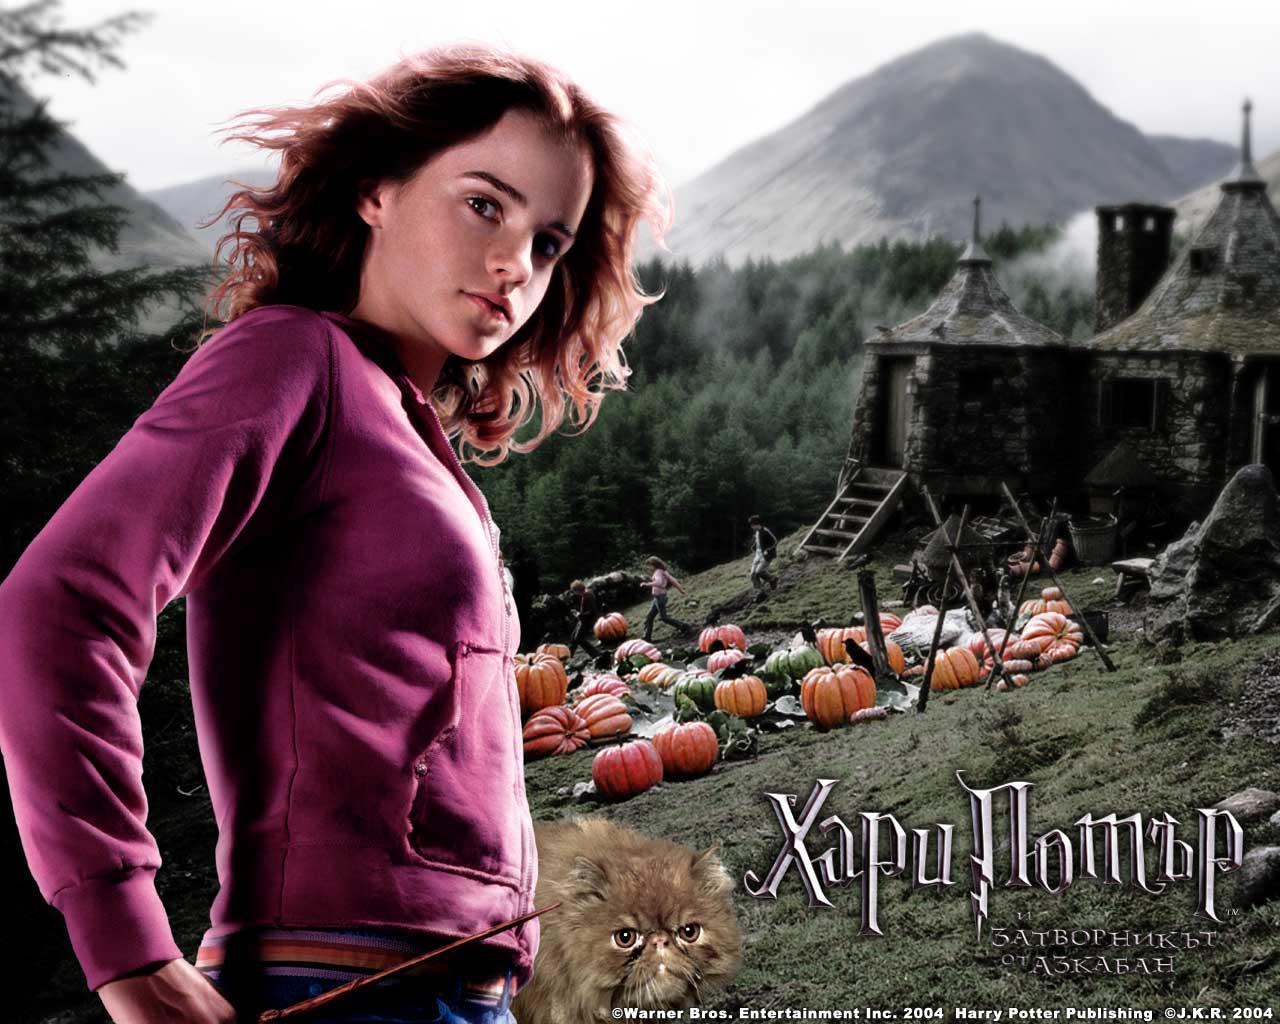 hermione_1280x1024.jpg